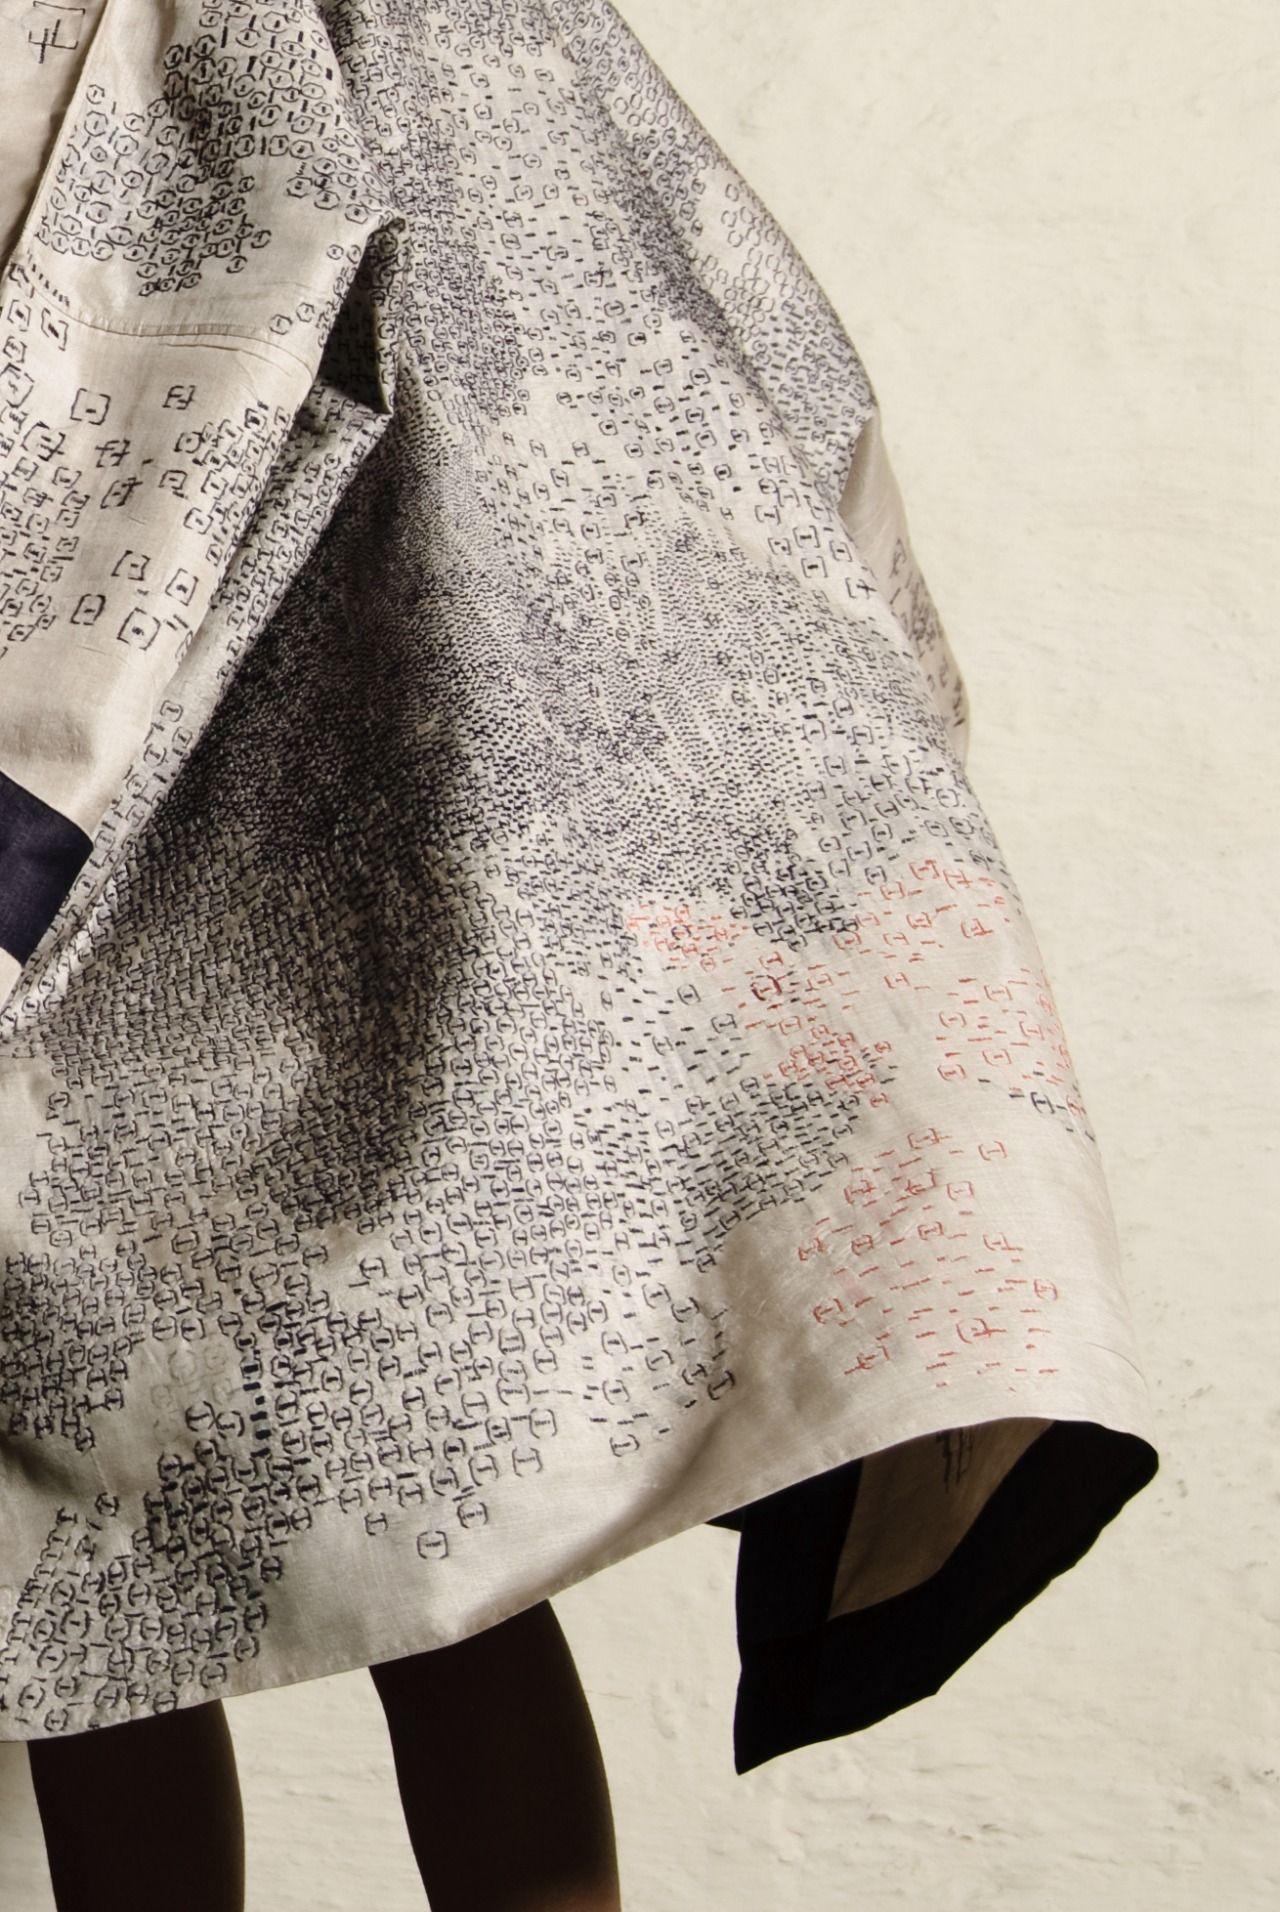 Rue de Beautreillis interesting fabric